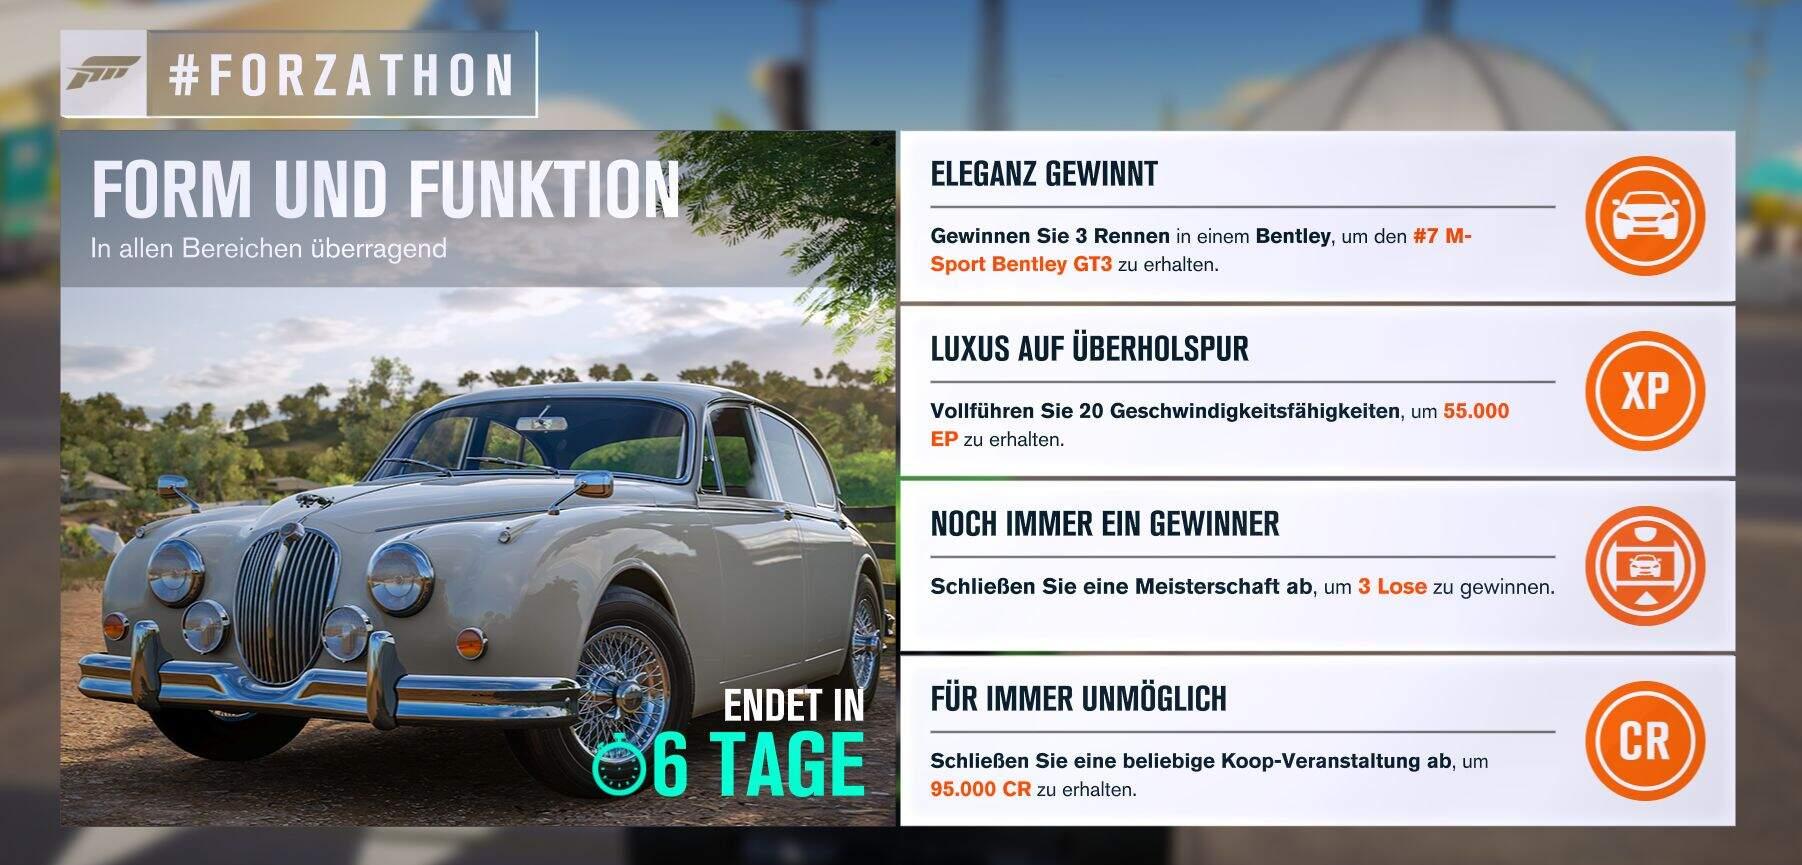 Forza Horizon 3 #Forzathon Guide KW 28 – Form und Funktion